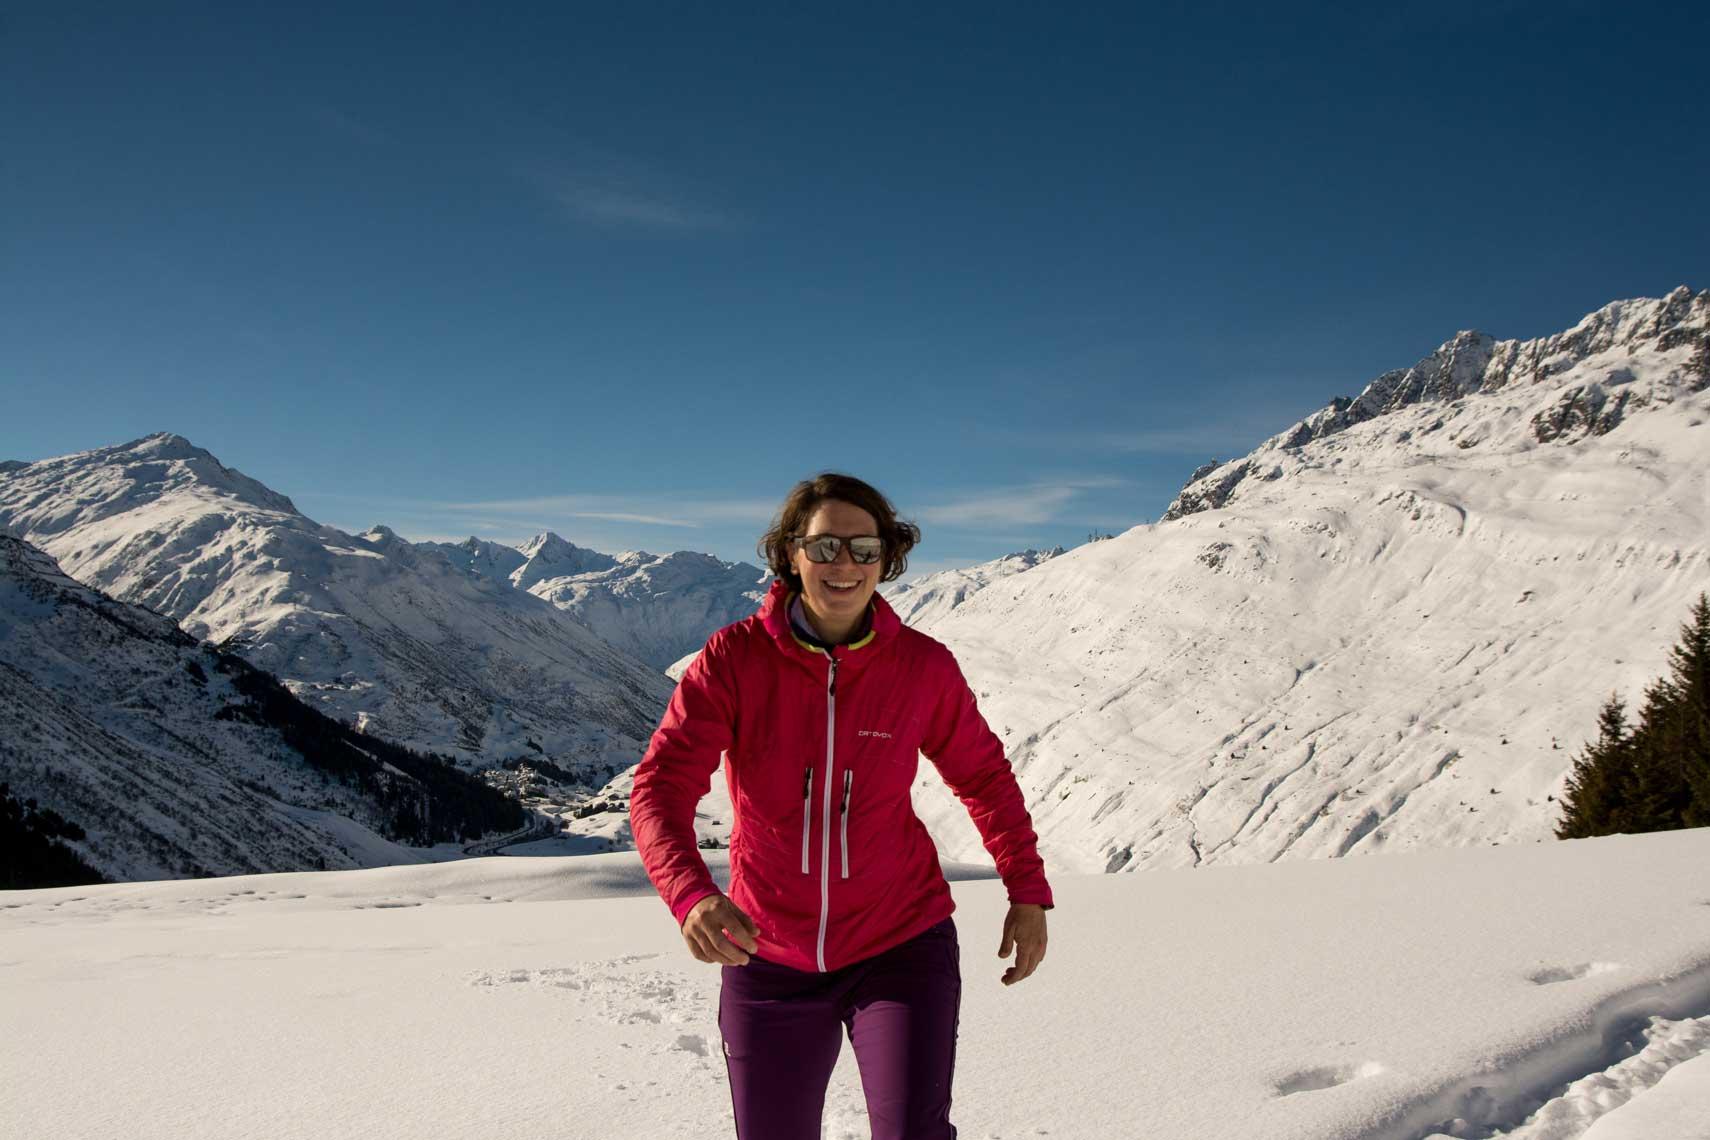 schweizer-winter-berge-stefanie-ramb-krambeutel-munichmountaingirls